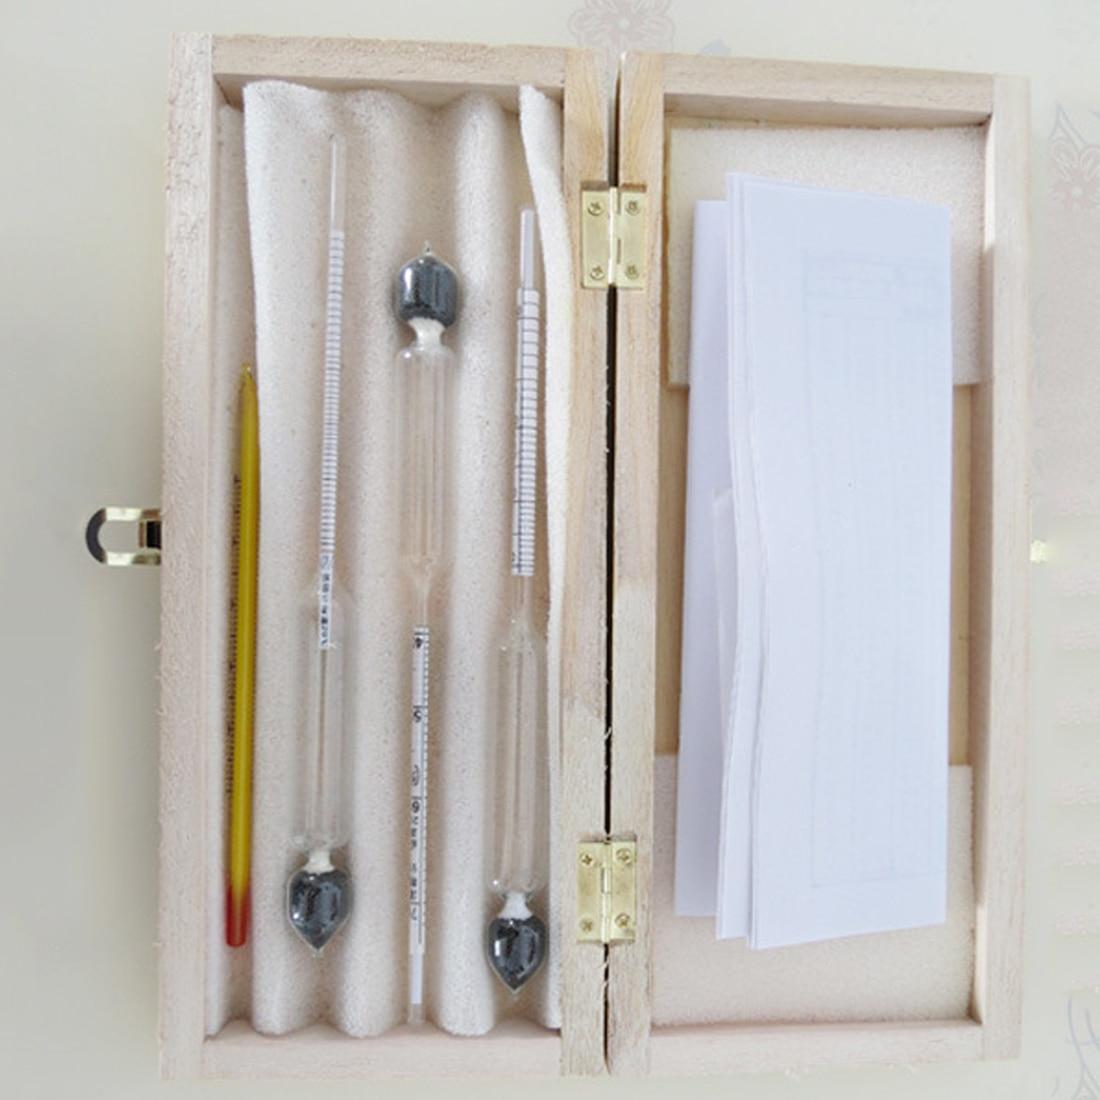 Alcoholímetro 3 unids/set, alcoholímetro, medidor de concentración de Alcohol, instrumento hidrómetro, herramienta de medición